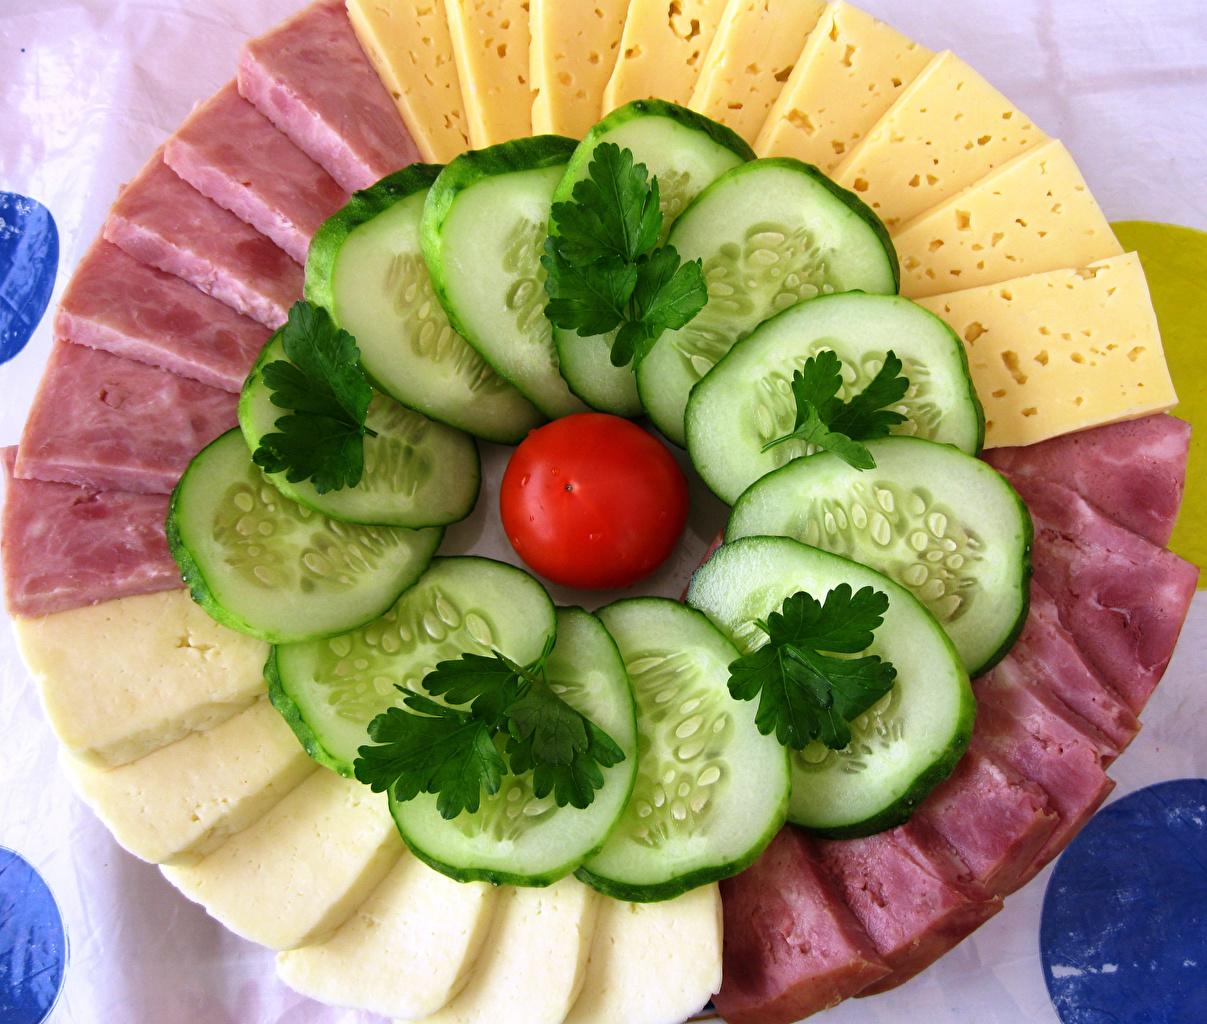 Картинка Огурцы Помидоры Сыры Ветчина Пища нарезка Томаты Еда Продукты питания Нарезанные продукты